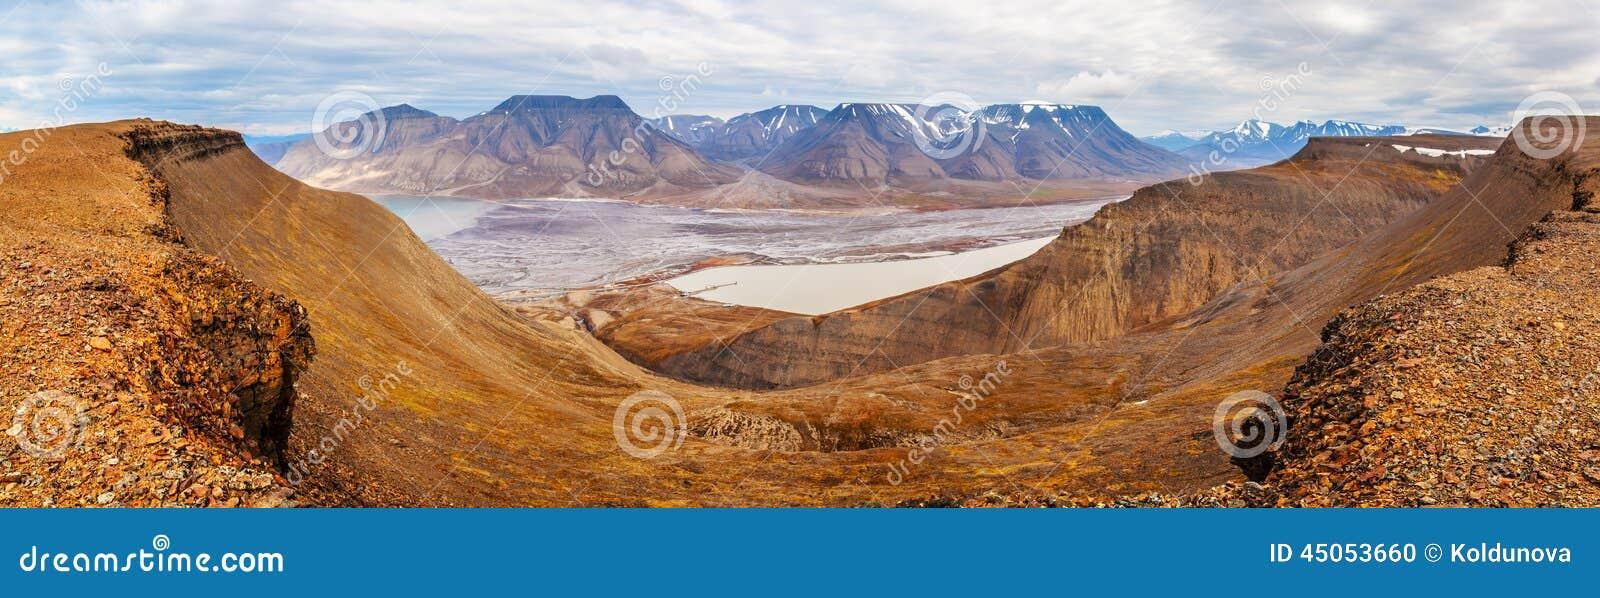 Horizontale panoramamening dichtbij Longyearbyen, Spitsbergen (Svalbard eiland), het overzees van Noorwegen, Groenland